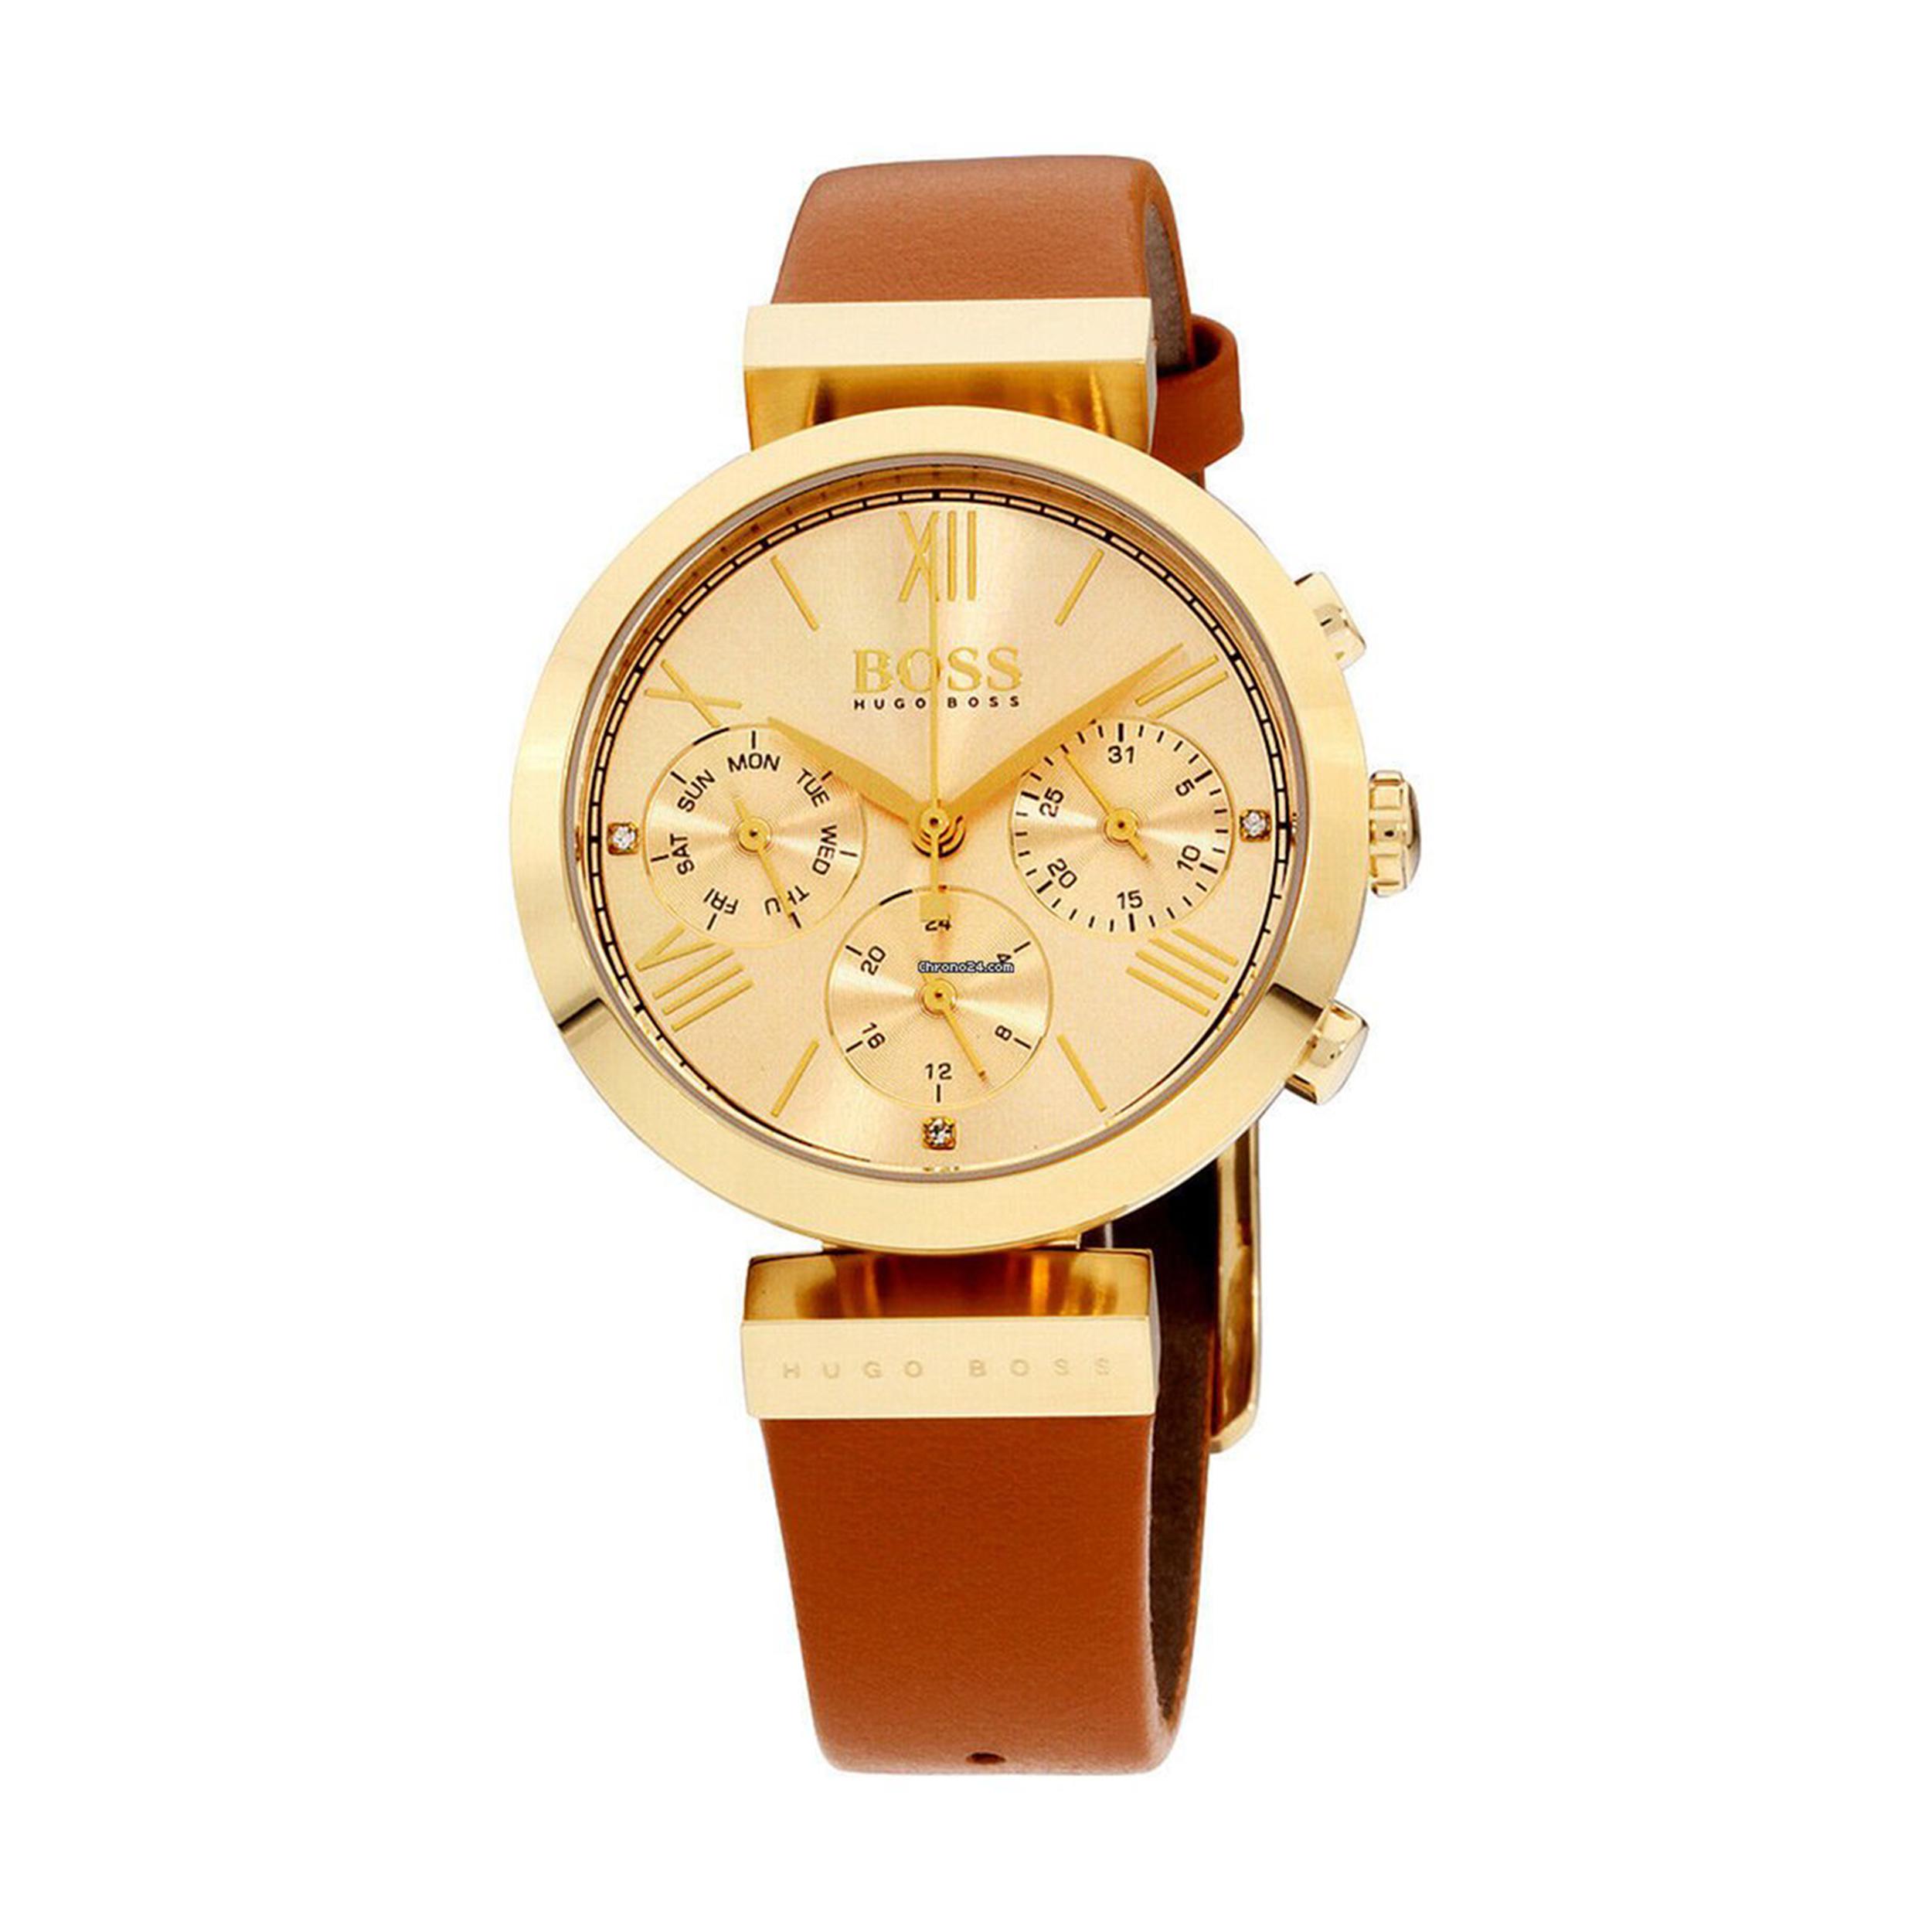 ساعت مچی عقربه ای زنانه هوگو باس مدل ۱۵۰۲۳۹۶